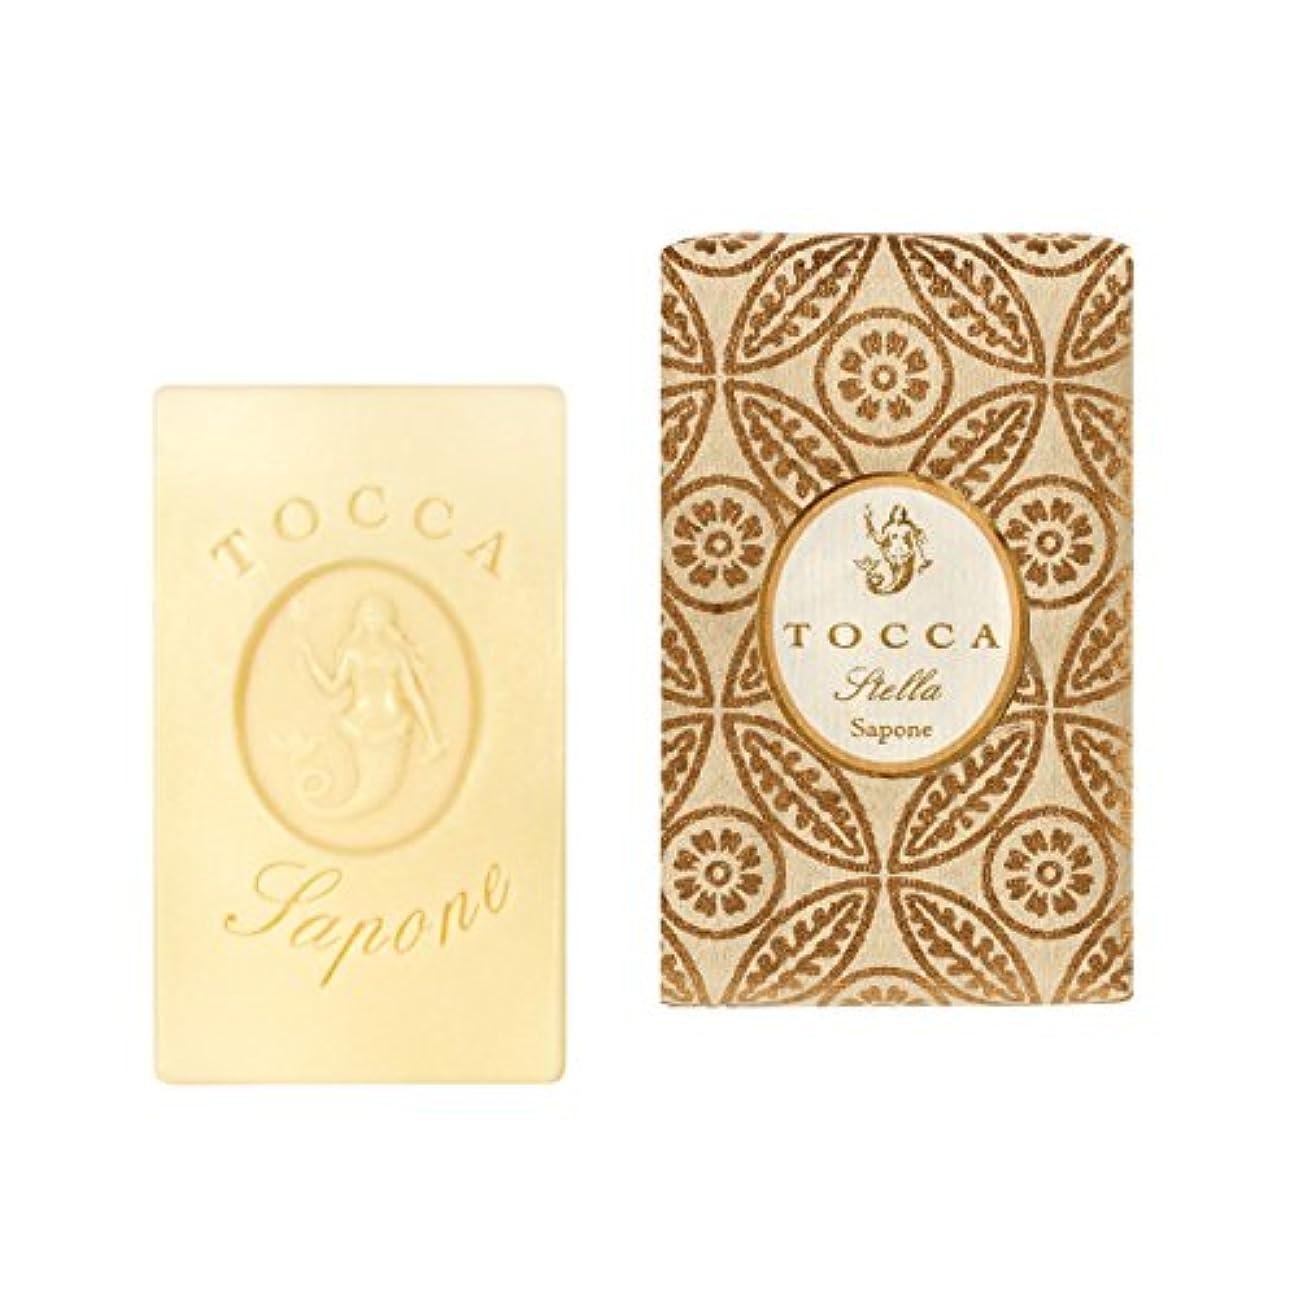 傾向不良品拡散するトッカ(TOCCA) ソープバー ステラの香り 113g(石けん 化粧石けん イタリアンブラッドオレンジが奏でるフレッシュでビターな爽やかさ漂う香り)